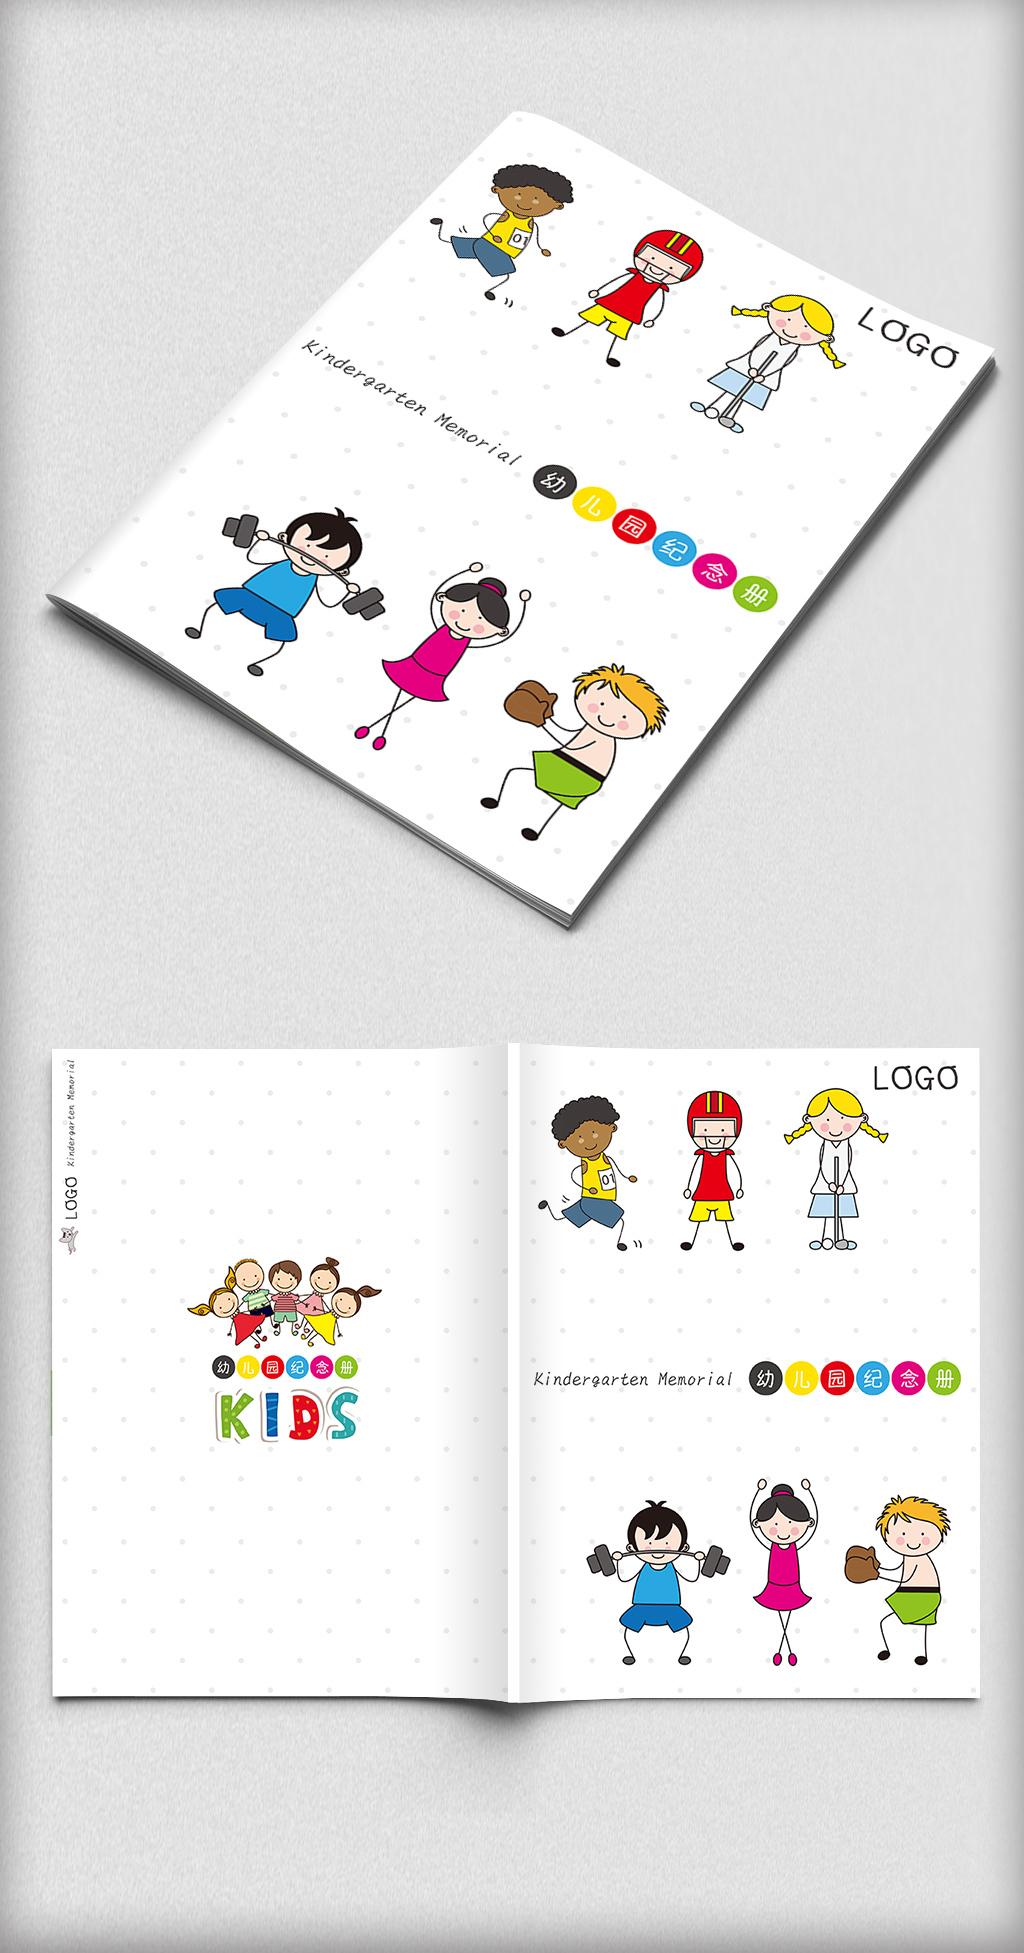 幼儿园纪念册画册封面设计